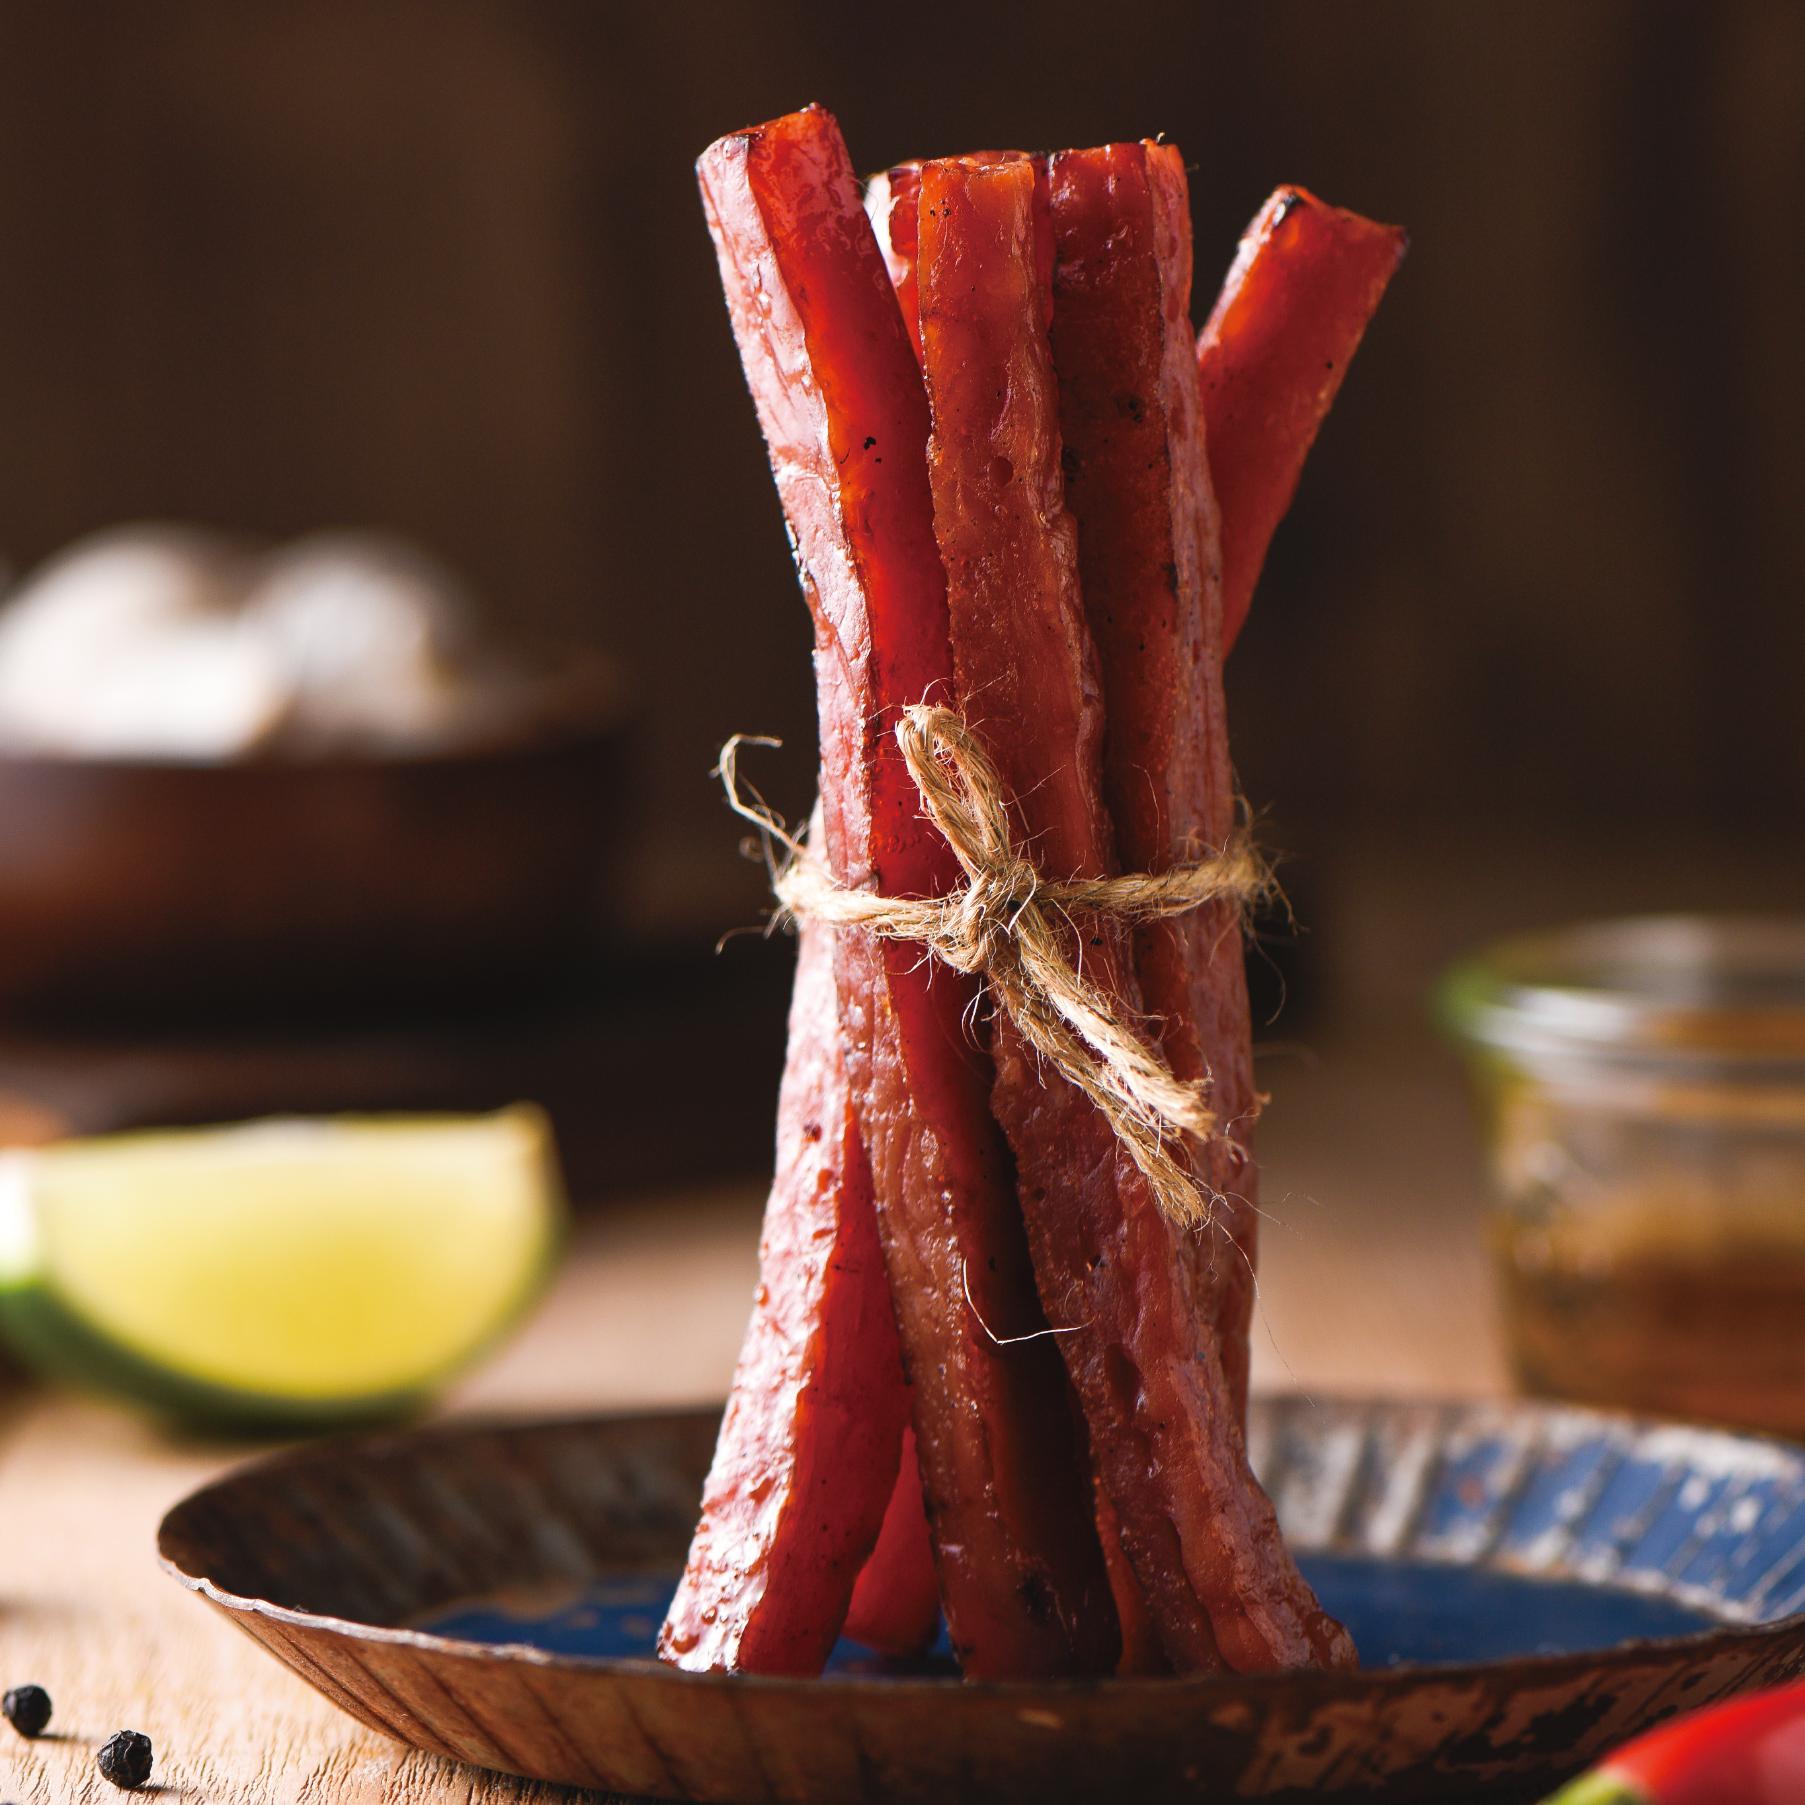 條子肉乾(原味)-條狀肉乾-買三送一-肉乾系列可混搭